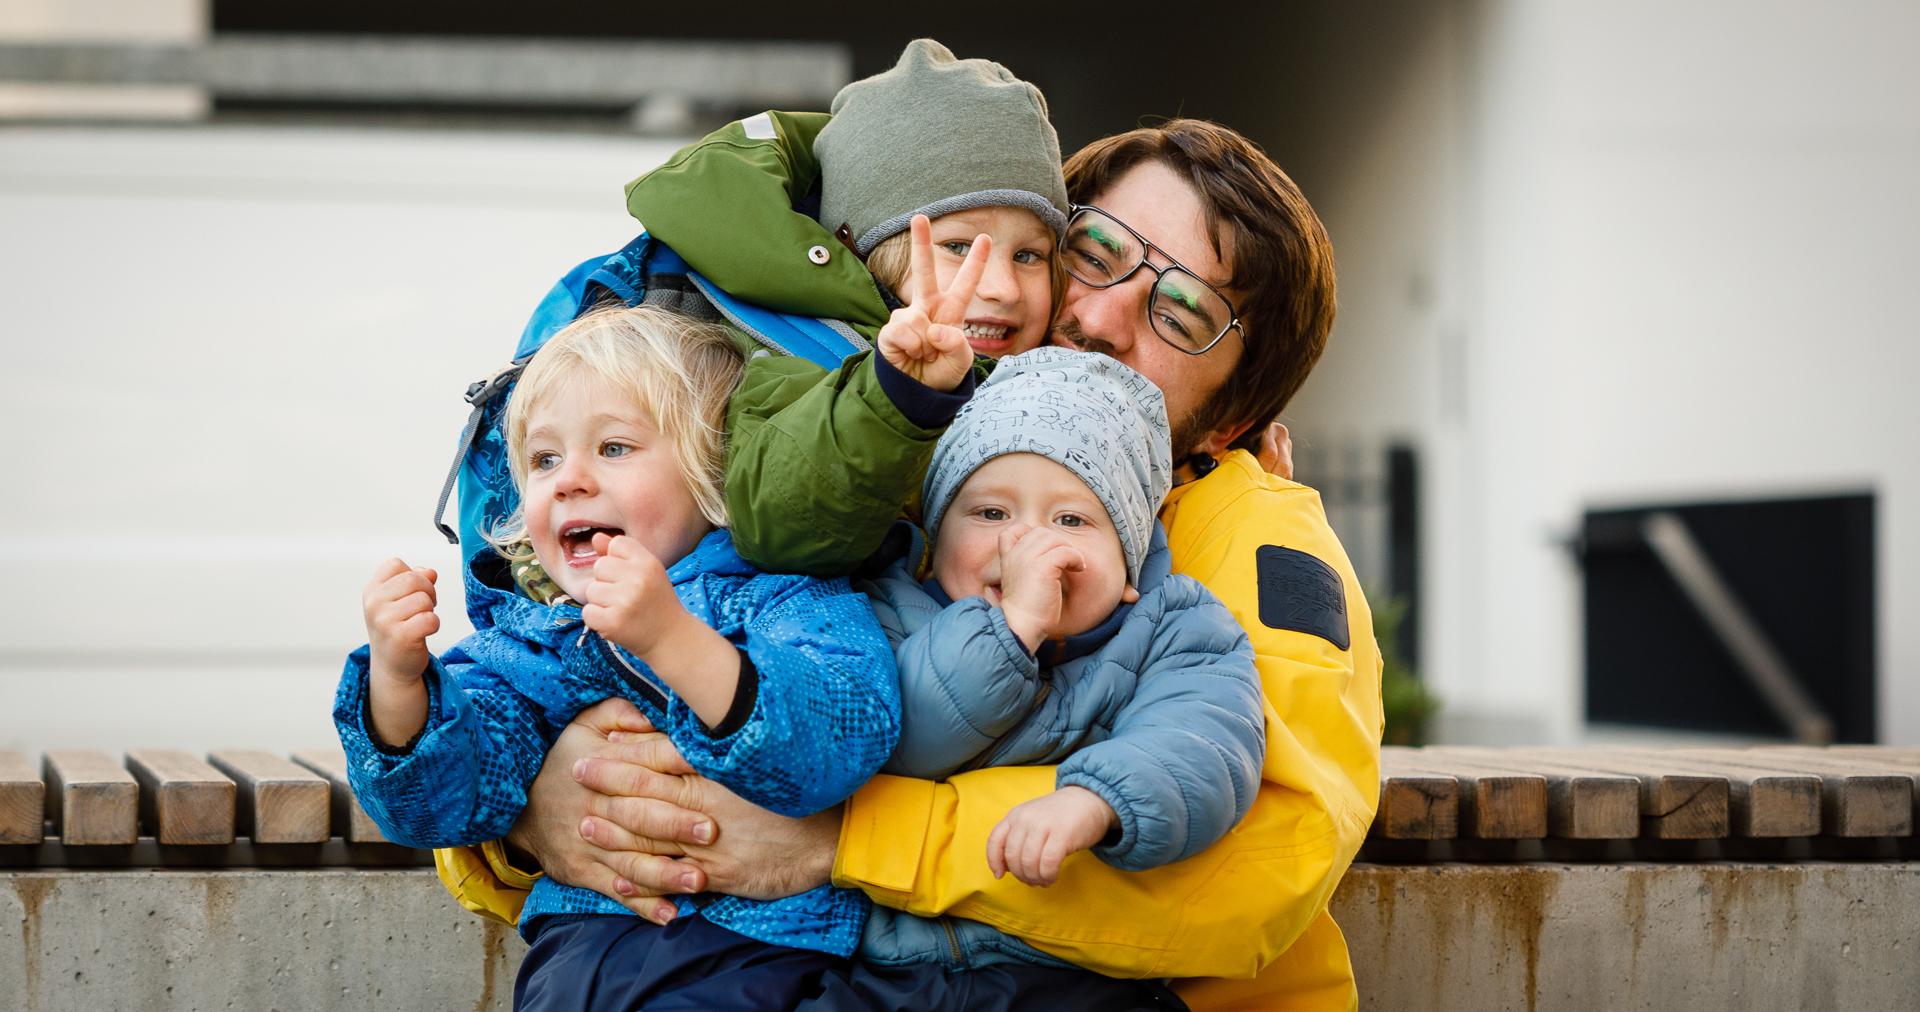 Tėtis glėbyje laiko tris sūnus